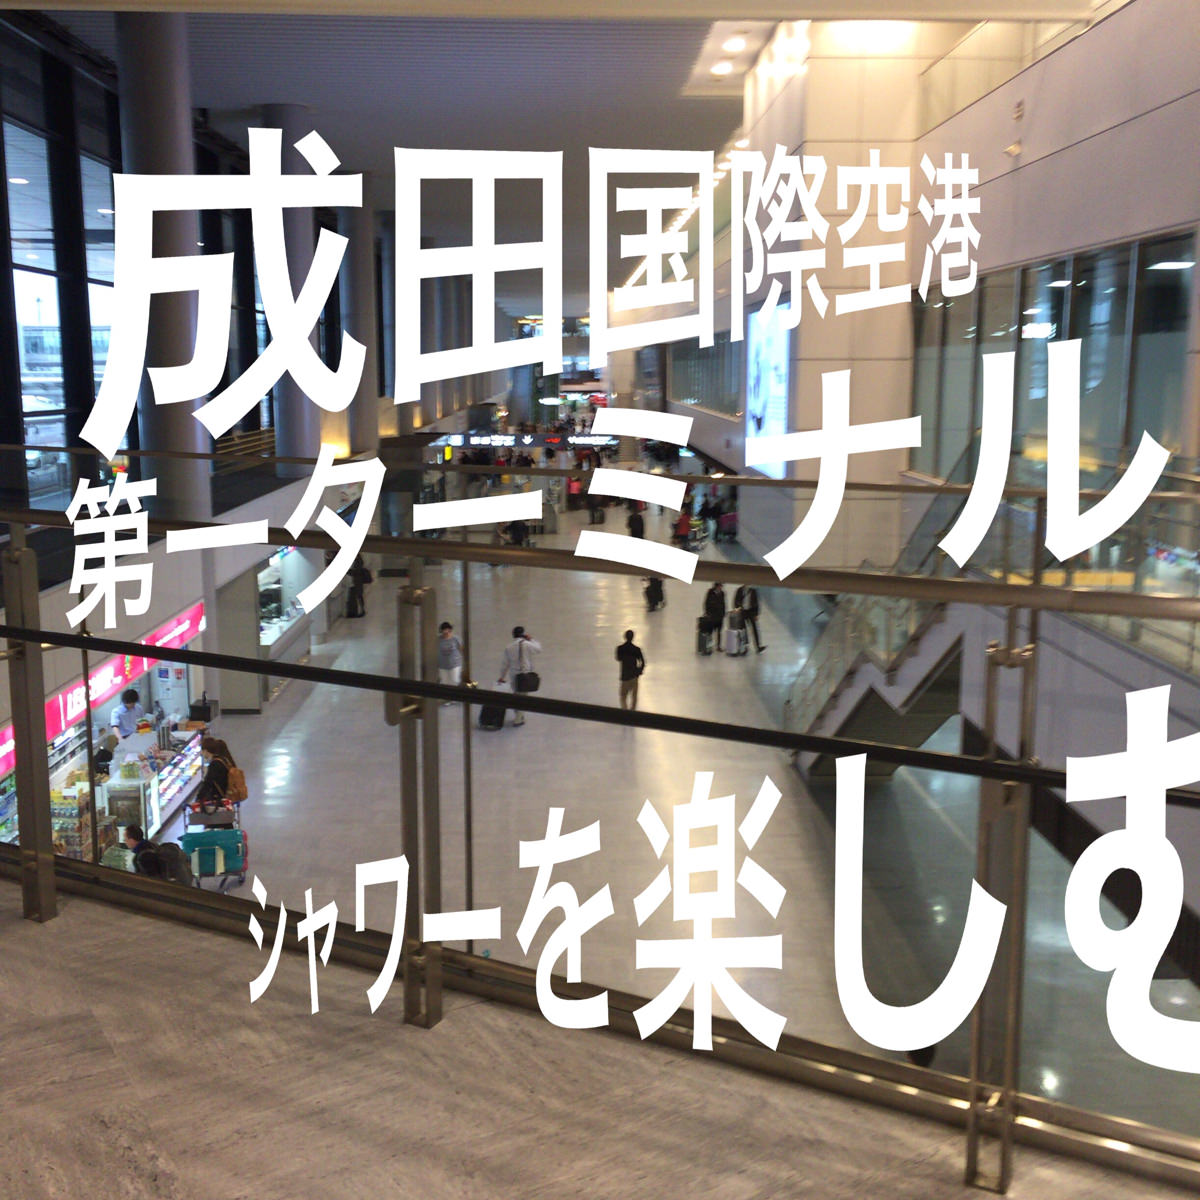 成田国際空港 第一ターミナル シャワーを楽しむ